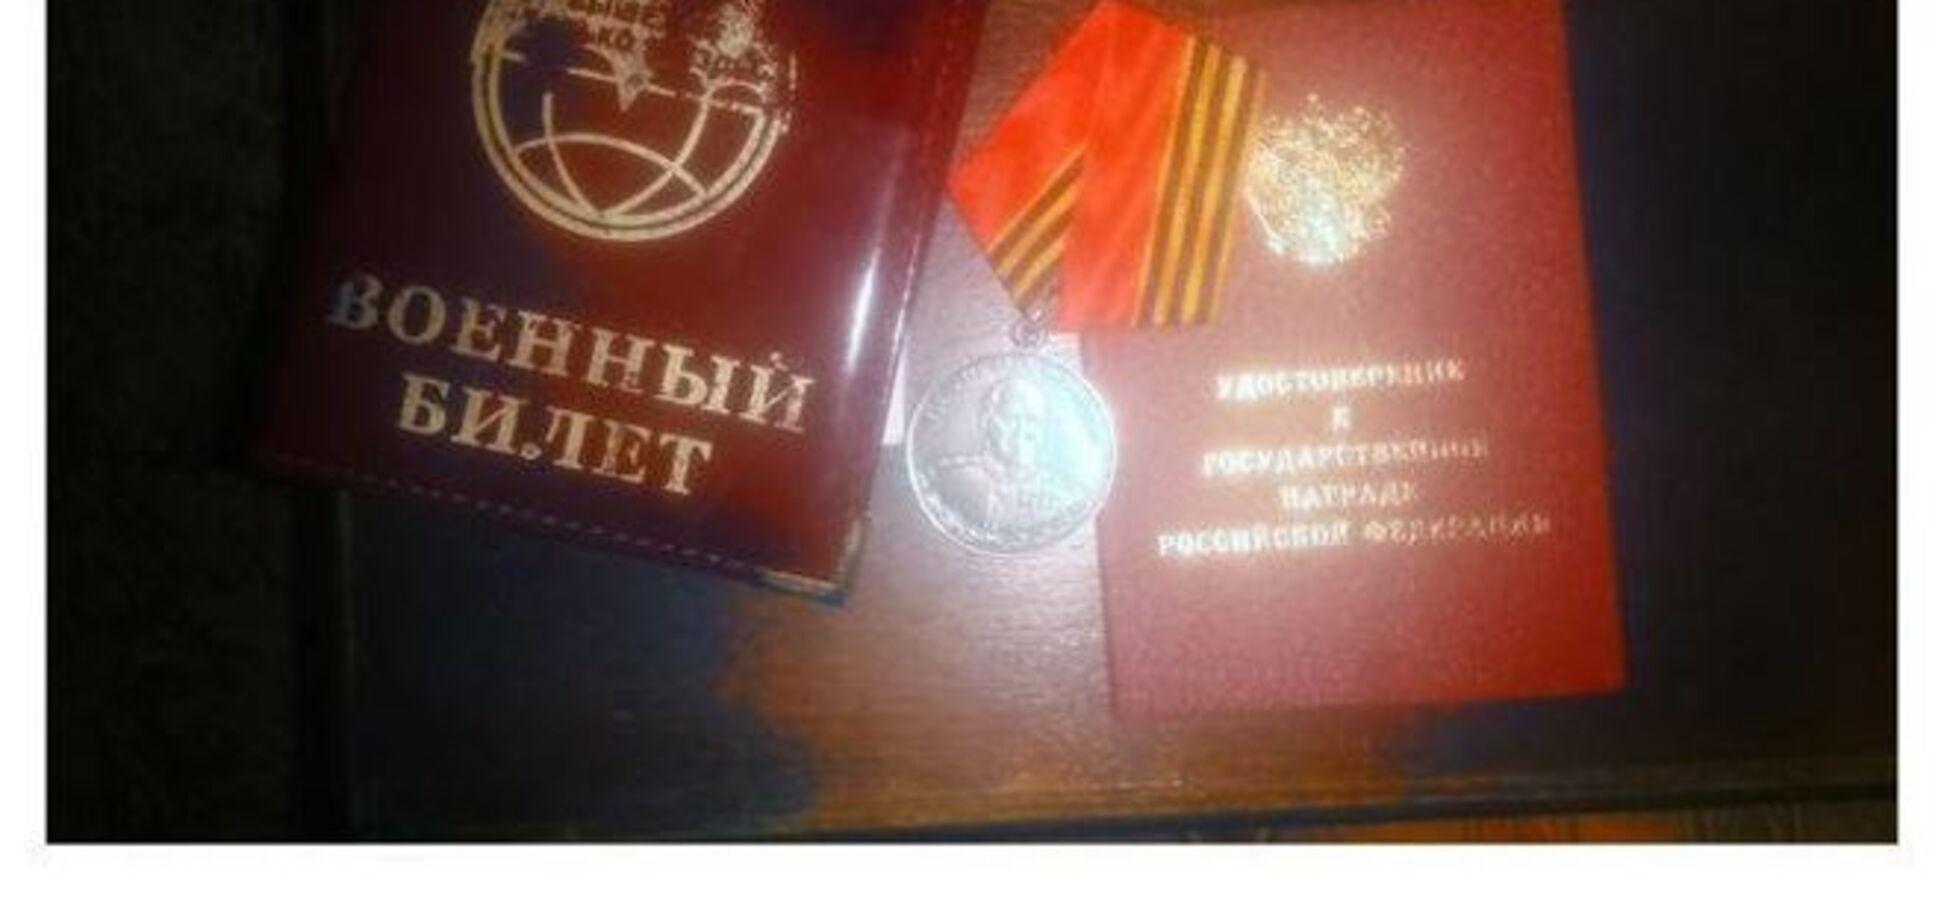 Росіяни хваляться в мережі нагородами від Путіна за 'відрядження' на Донбас